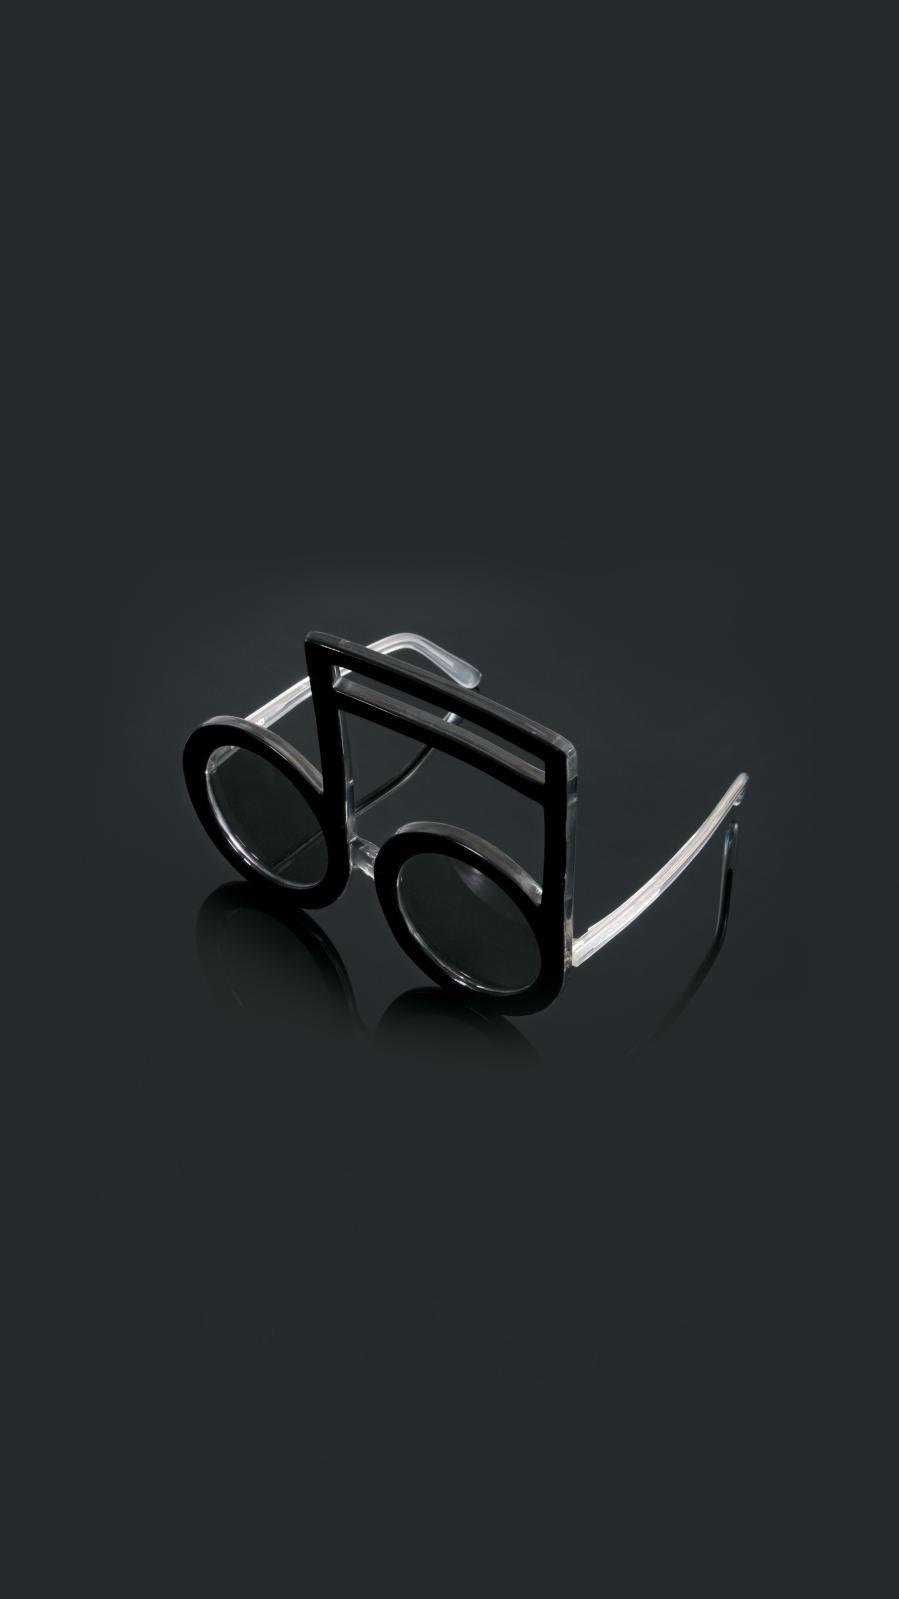 Pierre Marly. Paire de lunettes de soleil modèle «Double-croche», en acétate teinté noir, les branches translucides en partie pailletées gris, l'intér